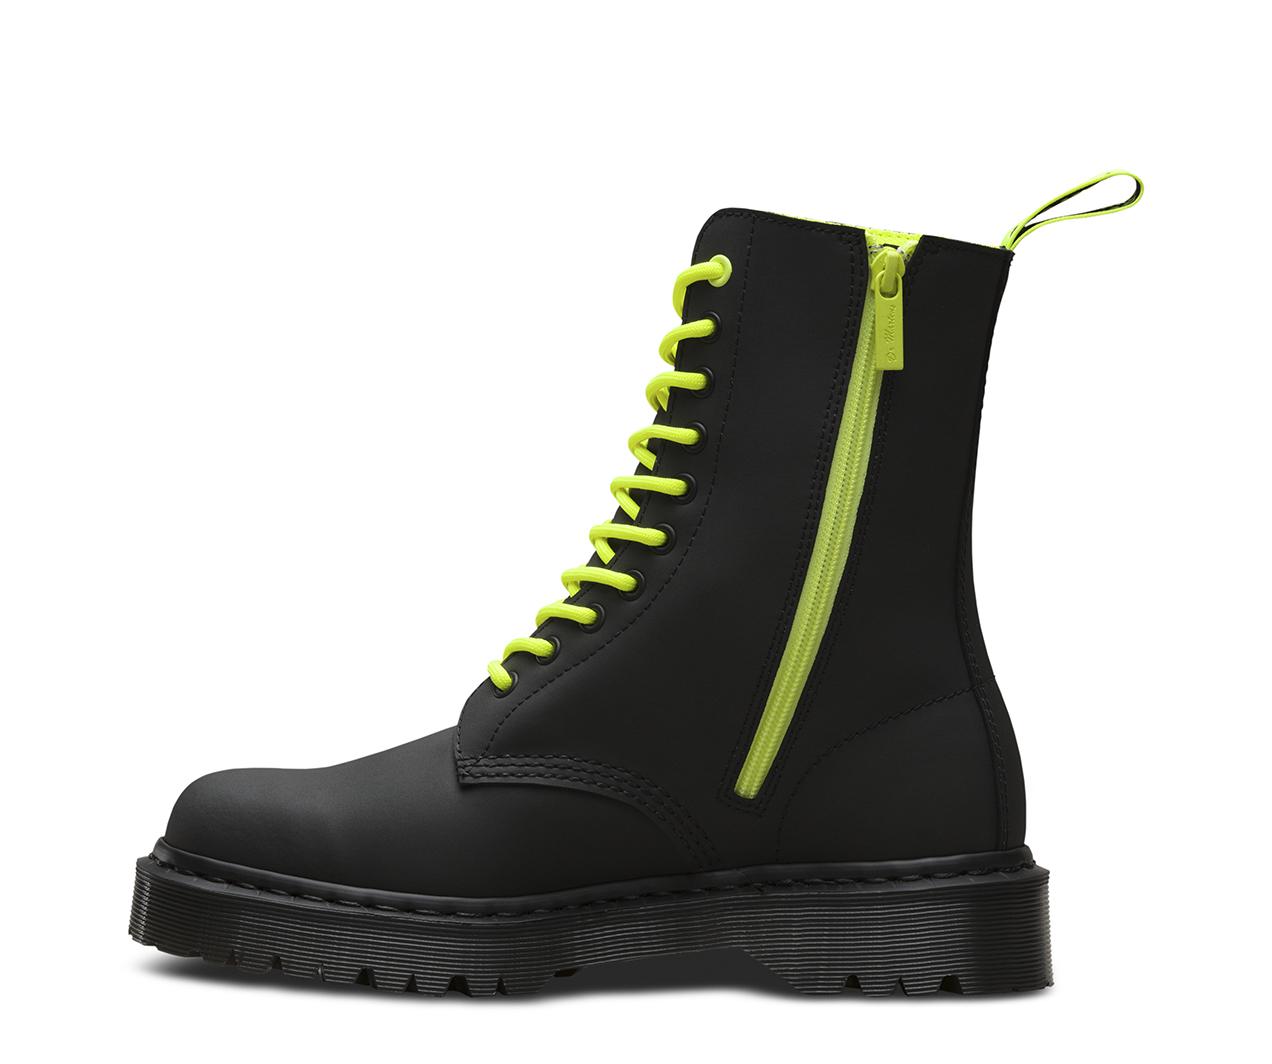 eyelet Concept Boot DrMartens 10 1490 hxtQdsCr